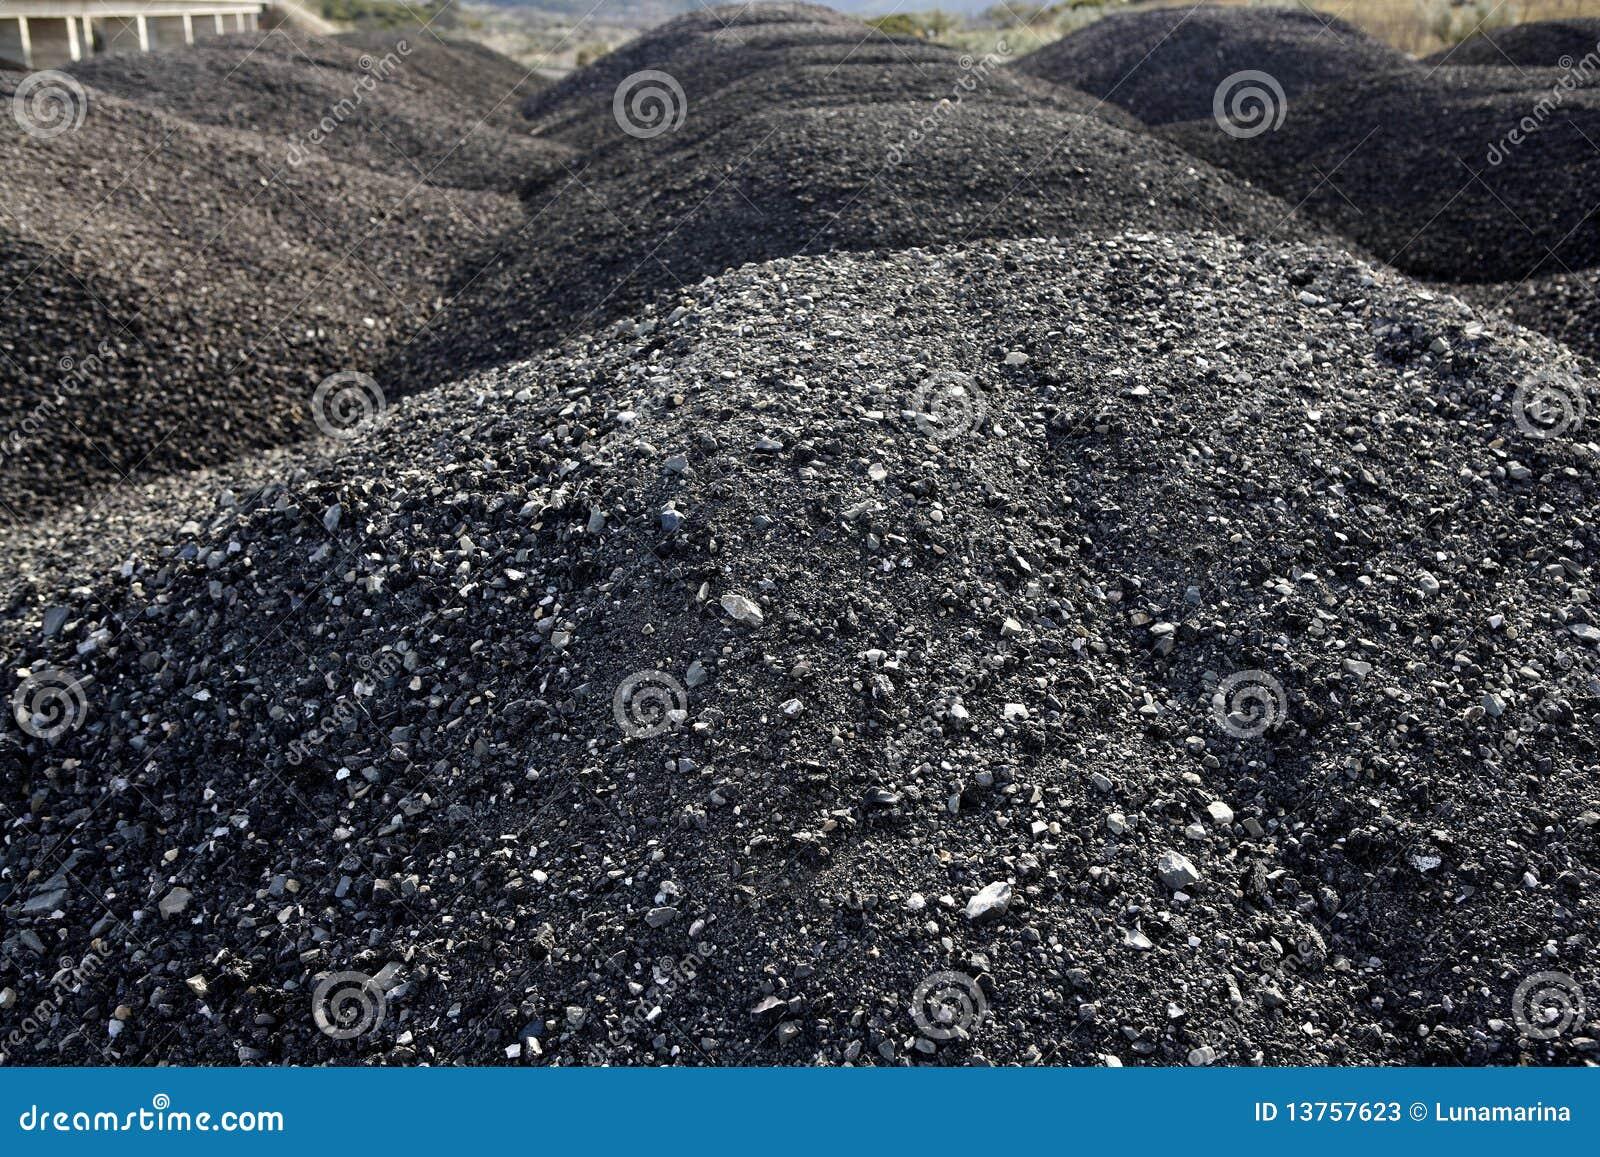 Asphalt mixes concrete samples obtained by